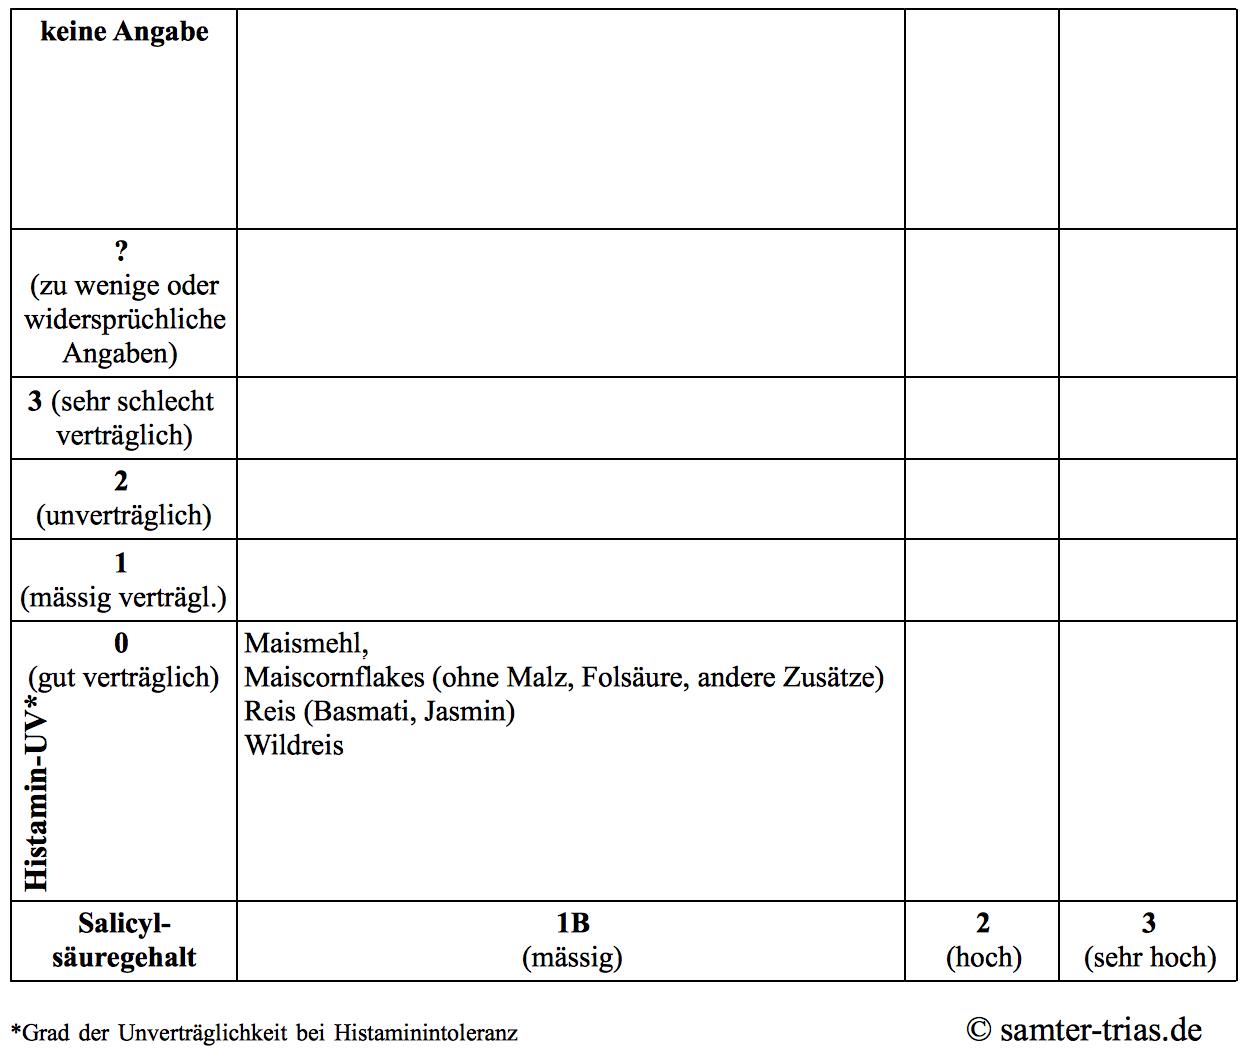 Tabellenübersicht: Salicylsäure- und Histamingehalt Getreide und Pseudogetreide, Seite 2